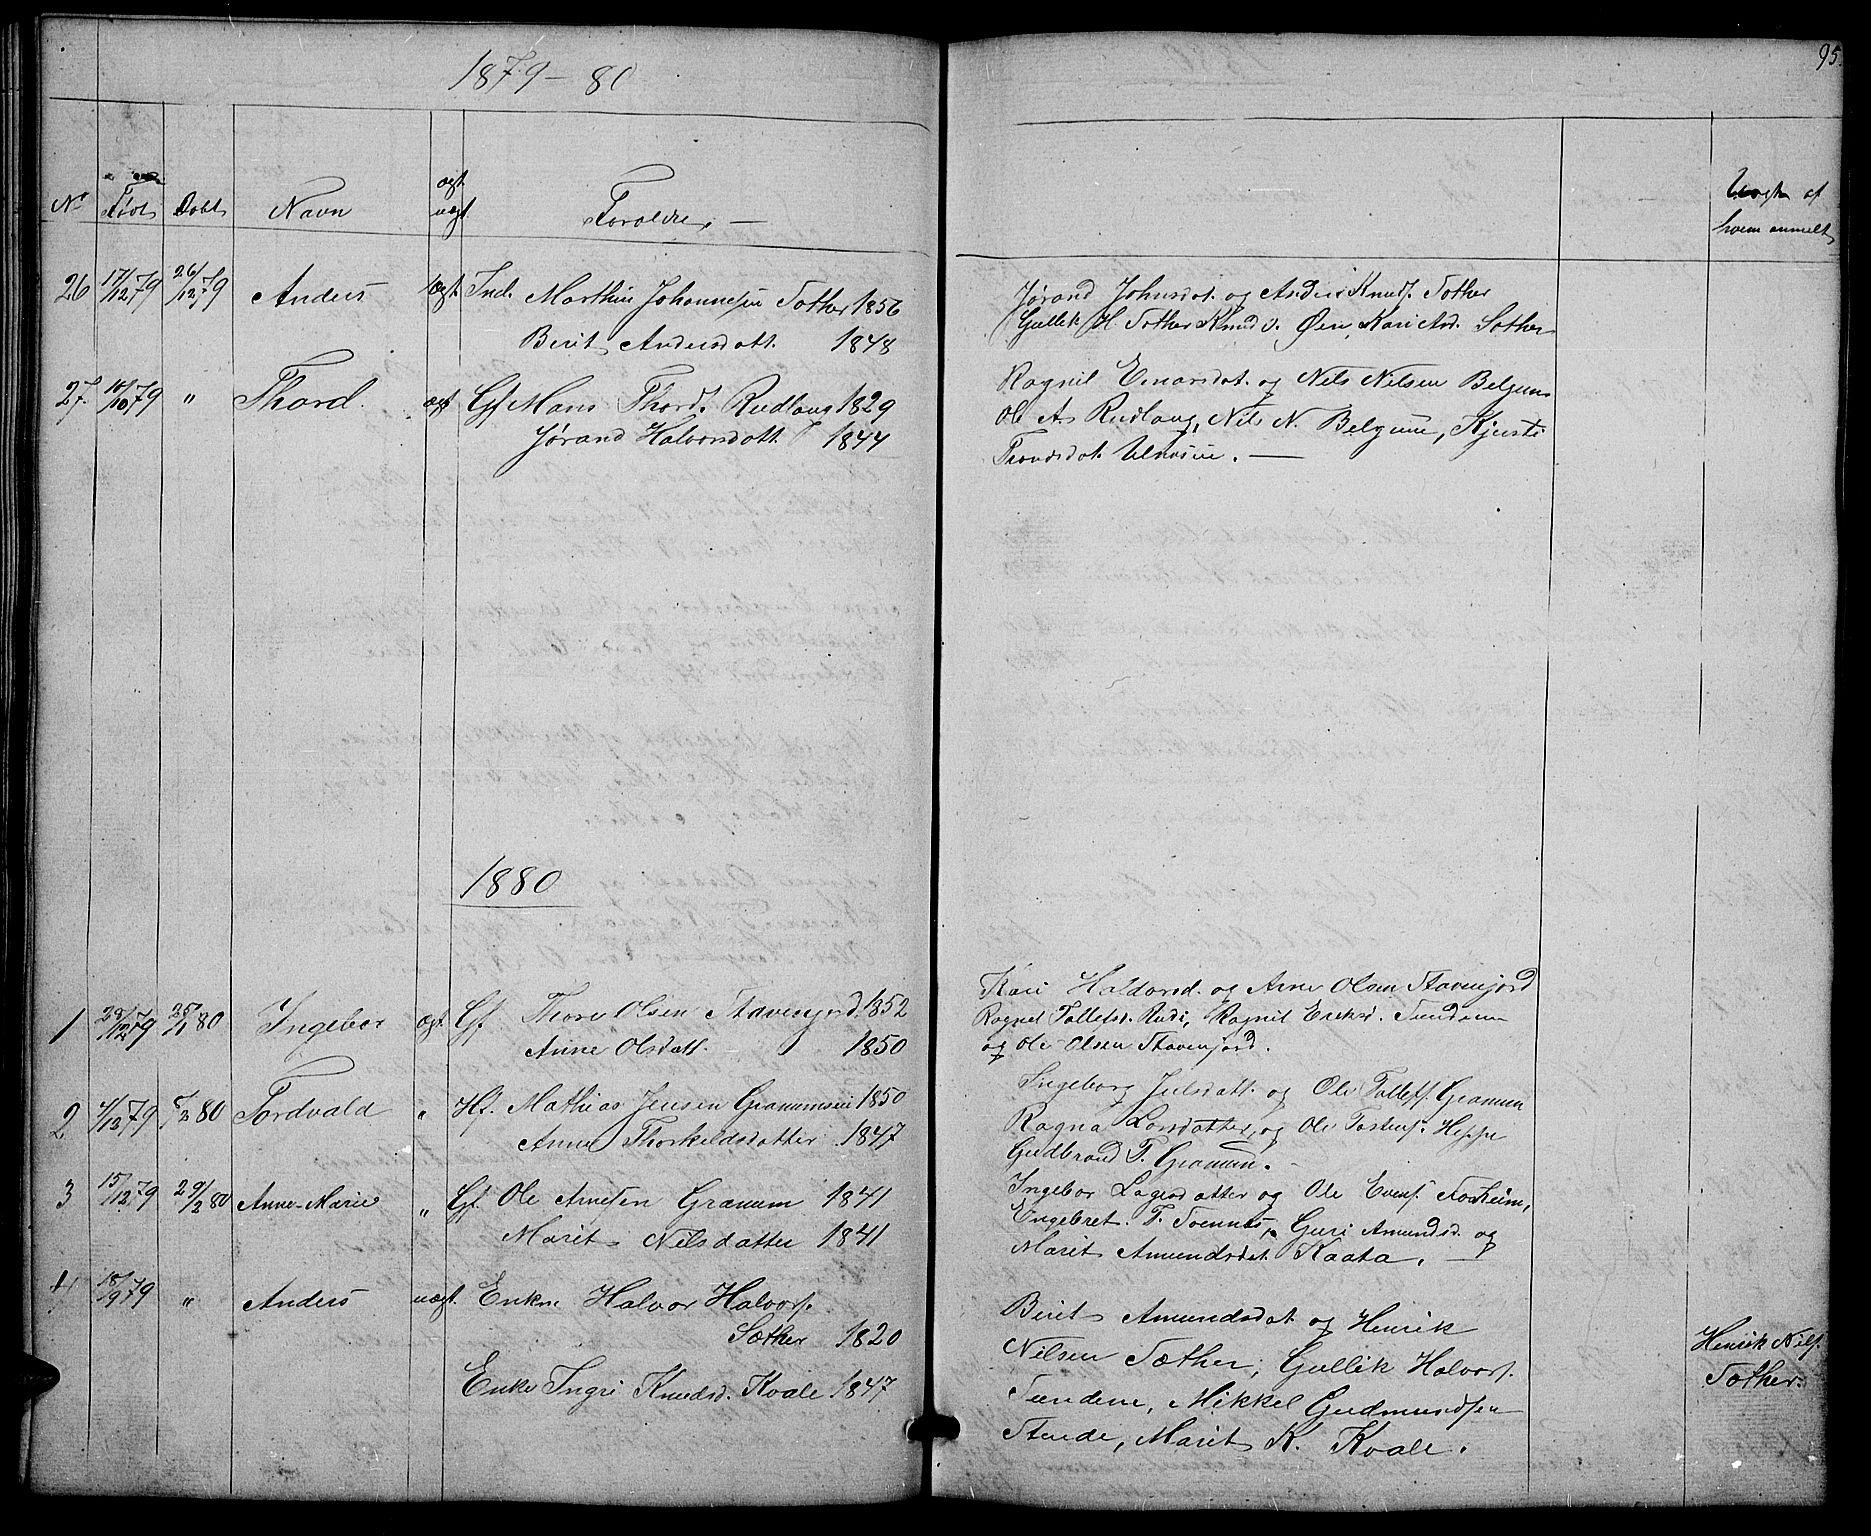 SAH, Nord-Aurdal prestekontor, Klokkerbok nr. 4, 1842-1882, s. 95